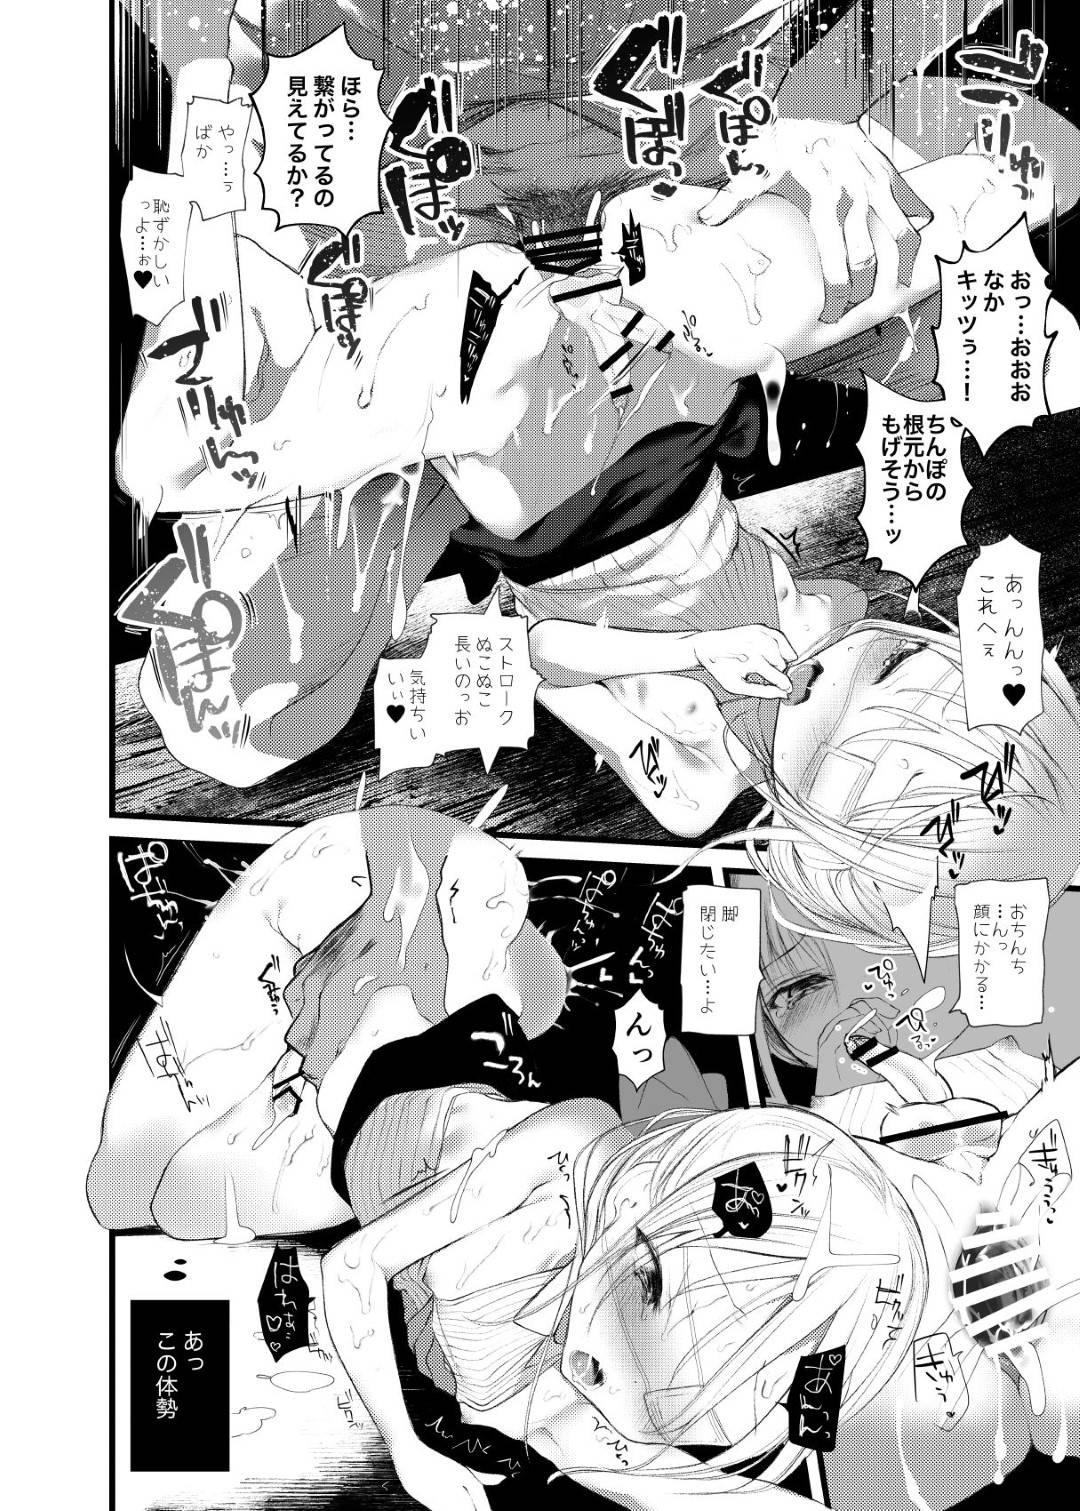 薄着姿の葉一に興奮した柳太郎…暑さで脱いだ葉一に欲情した柳太郎は、エロい脇を舐めまくり脇コキ!翌日も電車が夜まで来ないのをいい事に、脇責めしながら体を愛撫するとイチャラブアナルセックス!